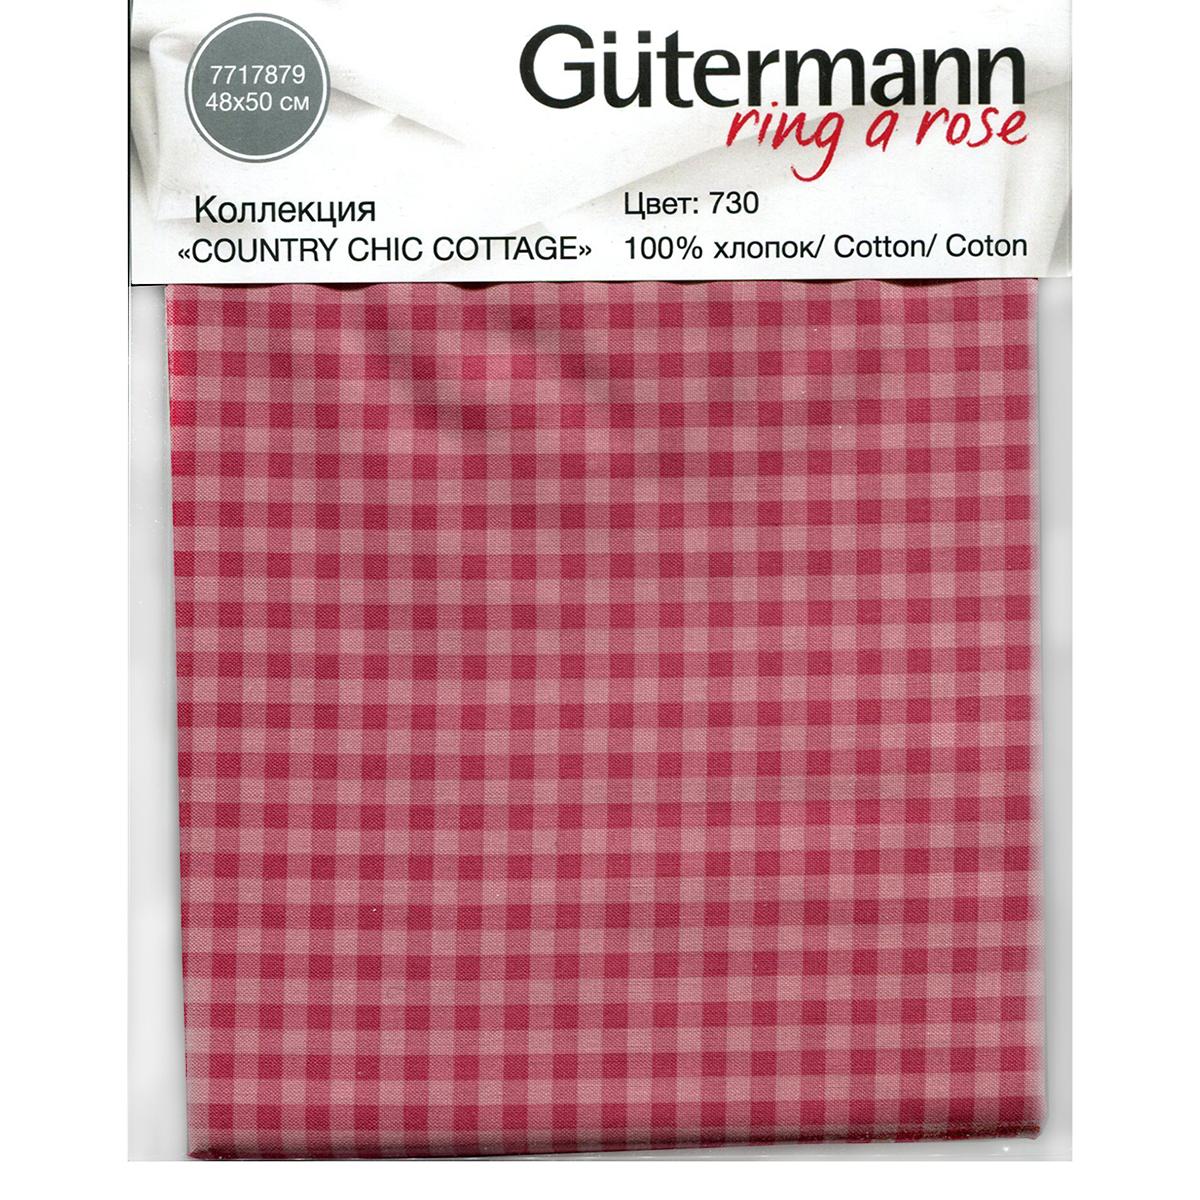 Ткань Gutermann Country Chic Cottage, 48 х 50 см. 649368_7307717879-730Ткань Gutermann, изготовленная из 100% натурального хлопка, идеально подойдет для шитья одежды, постельного белья, декорирования. Ткань не линяет, не осыпается по краям и не дает усадки.